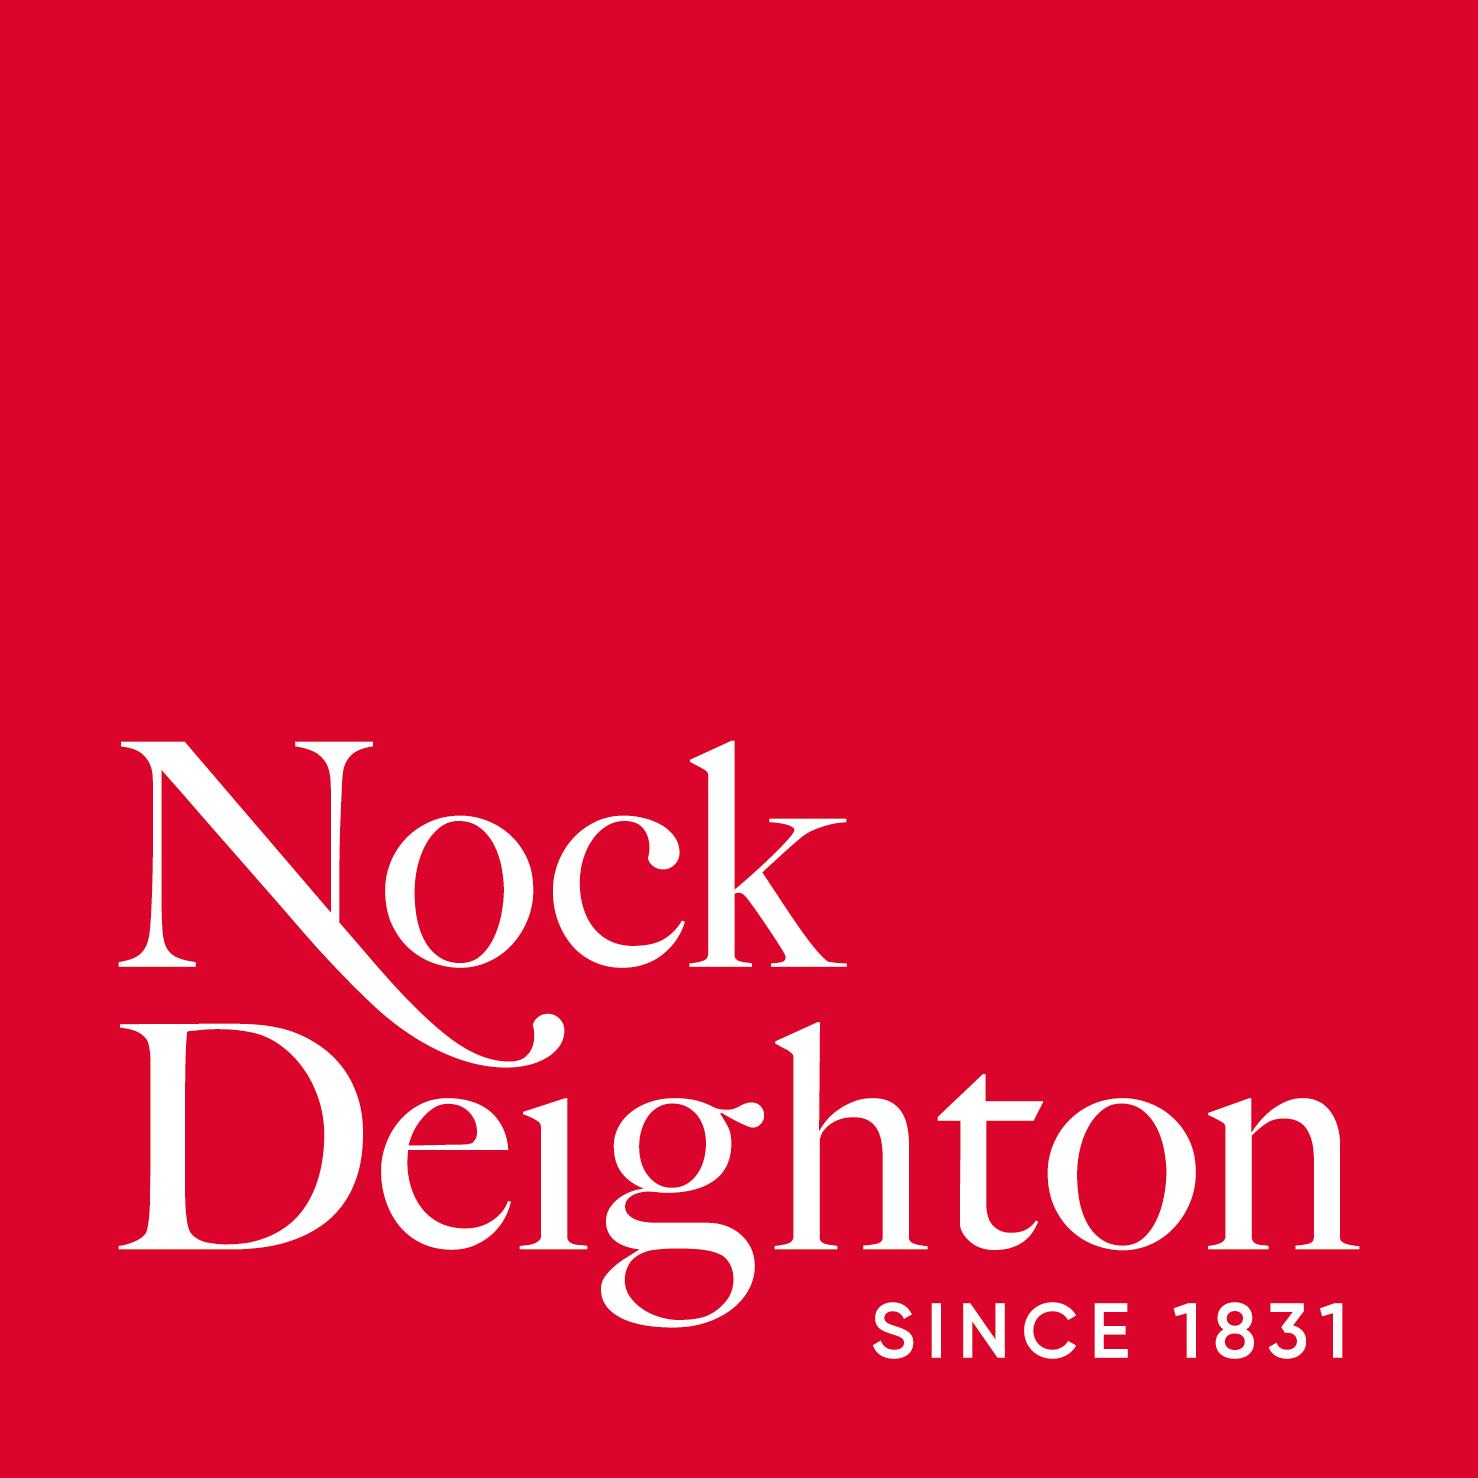 Nock Deighton